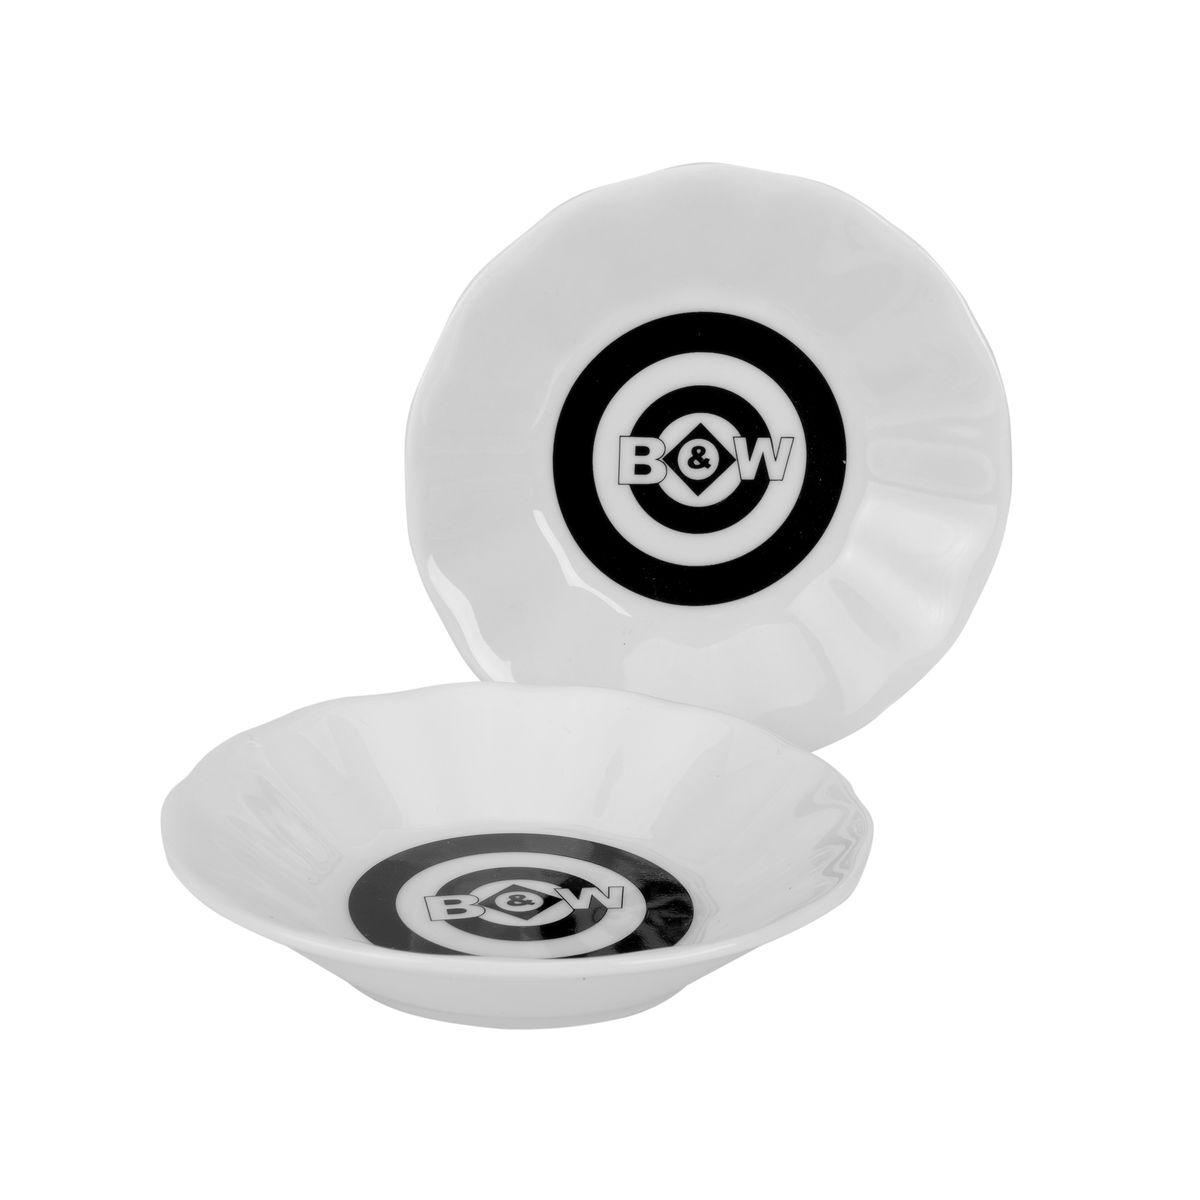 Набор подставок для чайных пакетиков GiftLand Black&White, цвет: черный, белый, 6 шт8529Набор подставок для чайных пакетиков GiftLand Black&White, изготовленный из фарфора, порадует вас оригинальностью и дизайном. Подставки выполнены в форме блюдечка и декорированы черно-белым рисунком. В наборе - 4 подставки. Подставки, несомненно, понравятся любой хозяйке, а кухонный стол всегда будет чистым, без нежелательных разводов от чайных пакетиков. Изделия также можно использовать в качестве тарелок для меда и джема. Диаметр подставки: 10,5 см. Высота подставки: 2,3 см.